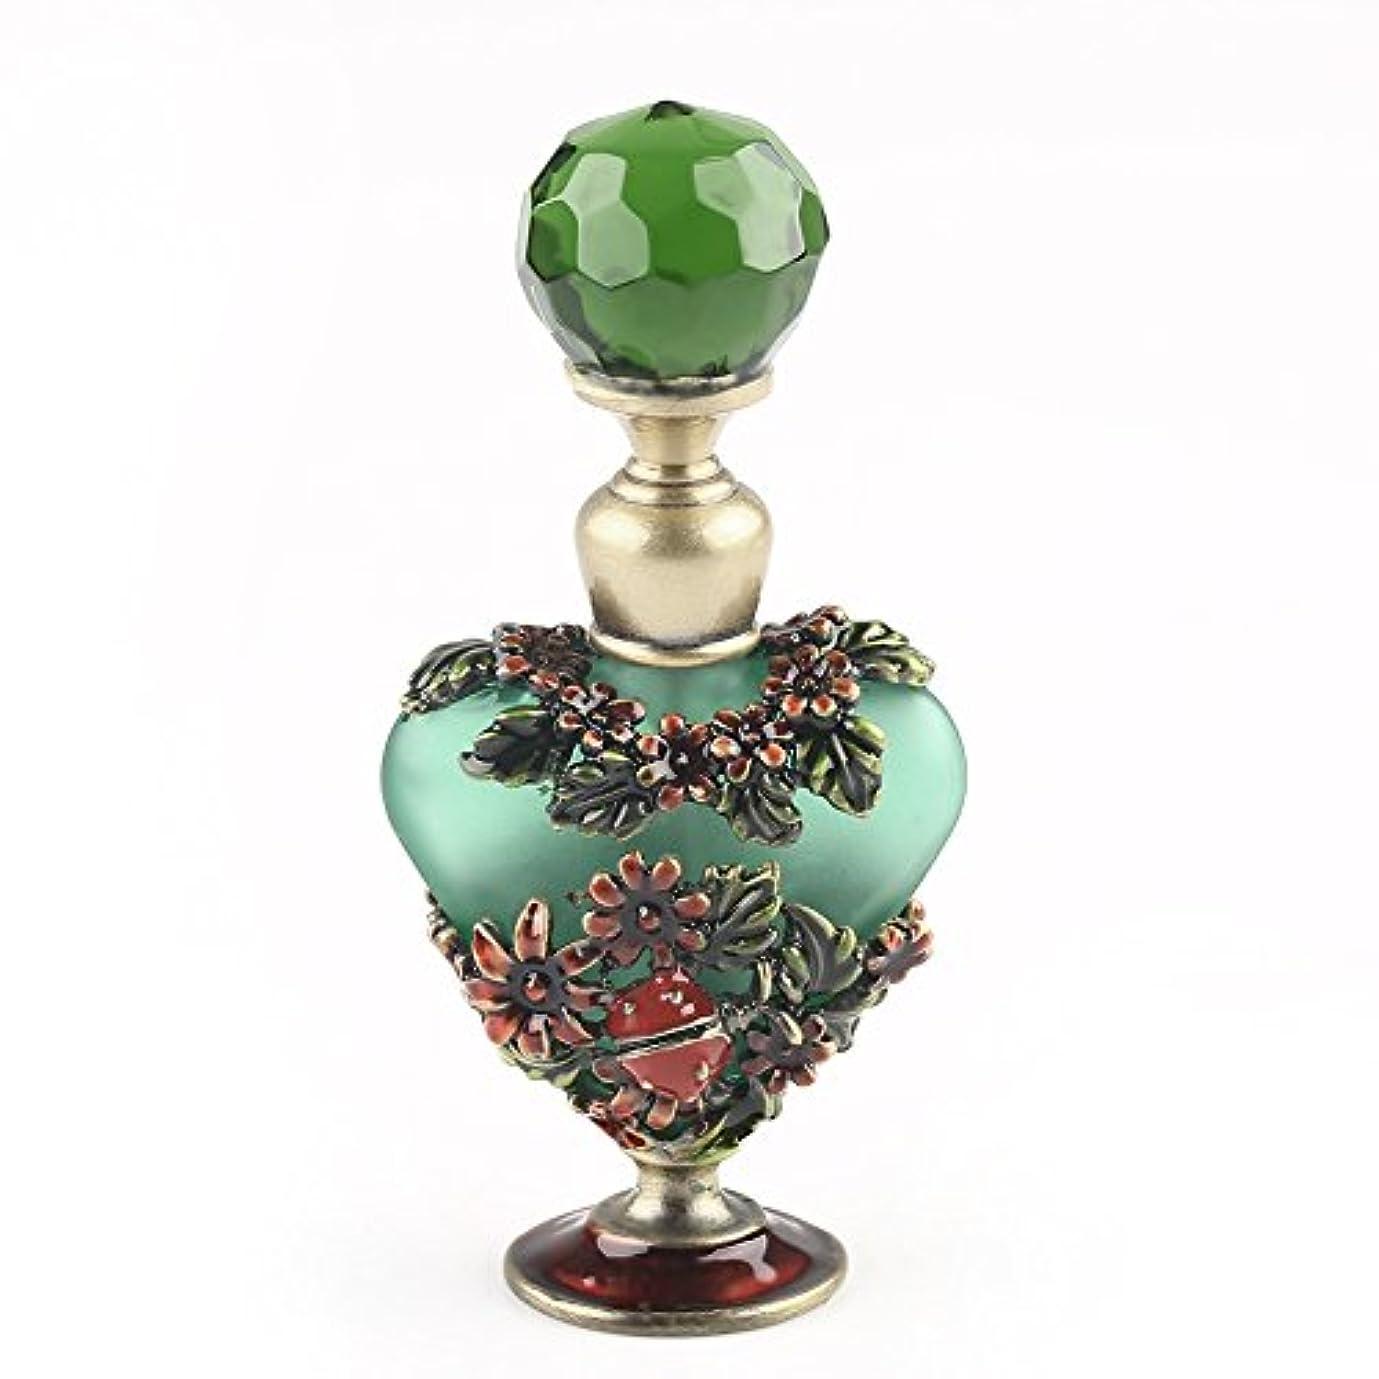 レッスン靄エリートVERY100 高品質 美しい香水瓶/アロマボトル 5ML アロマオイル用瓶 綺麗アンティーク調 フラワーデザイン プレゼント 結婚式 飾り 70292